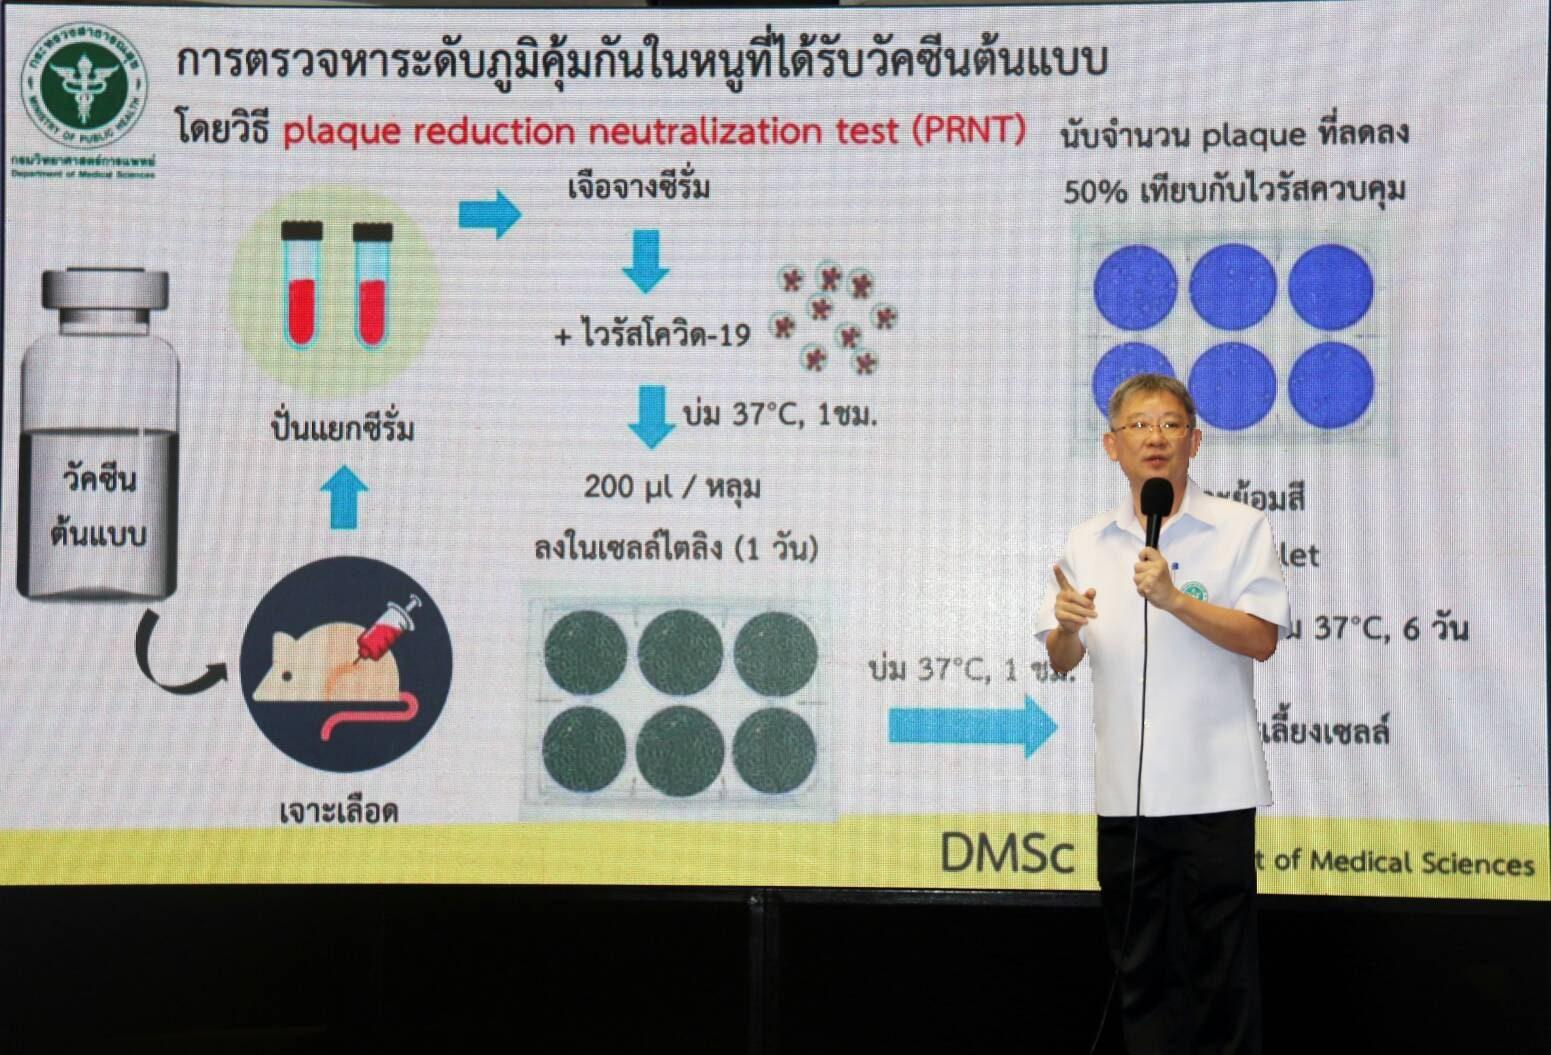 สธ.เผยขั้นตอนวัคซีนโควิด-19 ในหนู ไม่ใช่เรื่องง่าย เตรียมทดลองในลิง และคน